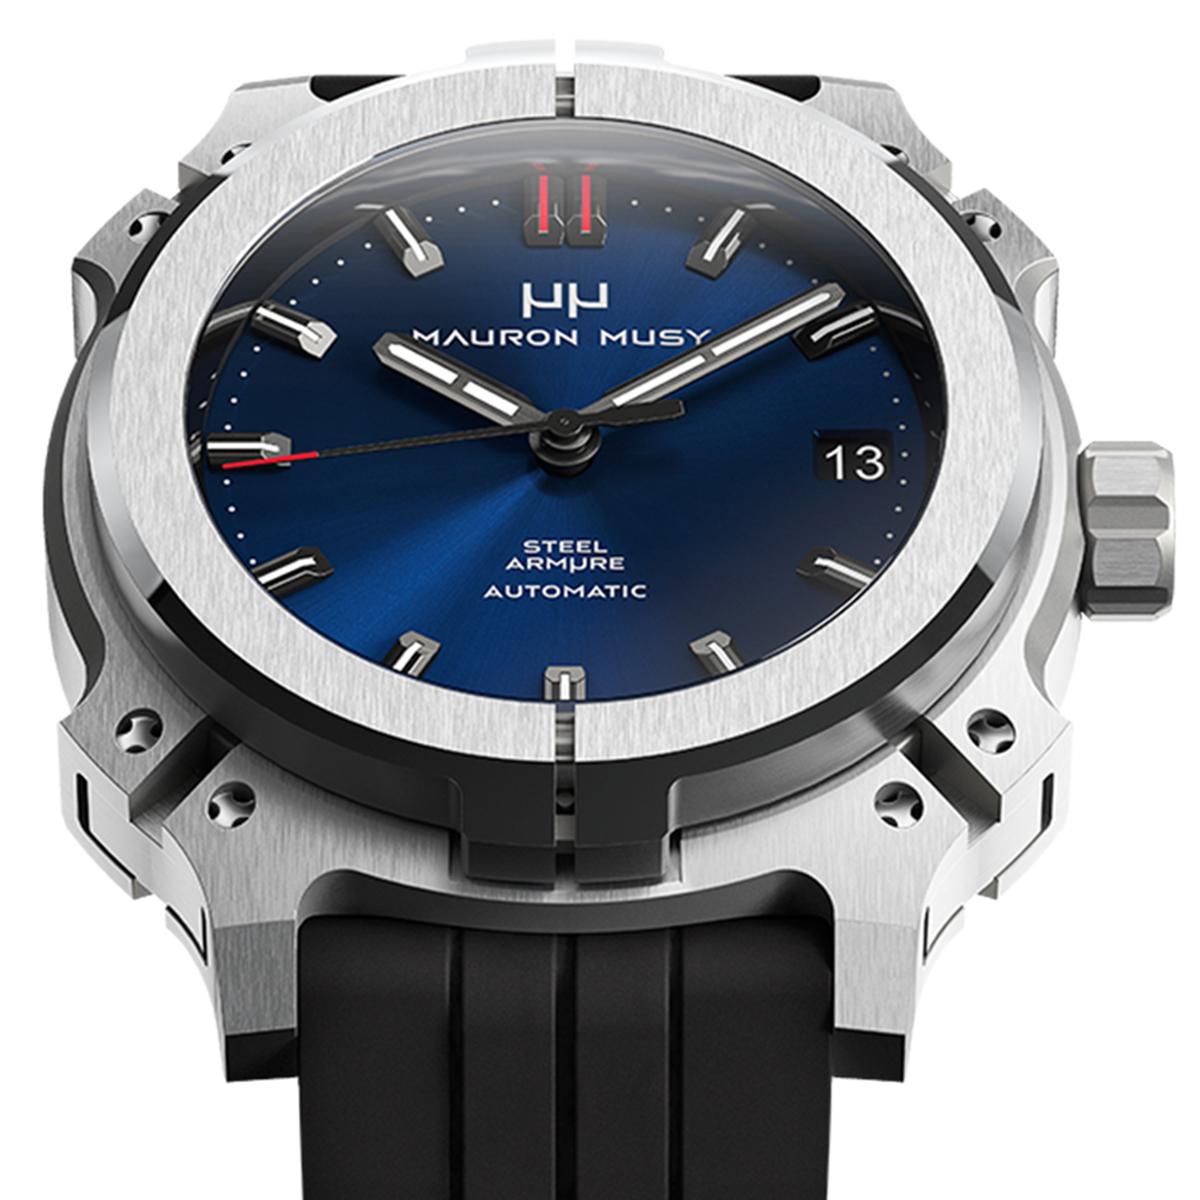 【残り1点】MAURON MUSY モーロン・ミュジー 自動巻き 腕時計 [MU01-204-BlackRubber]  デイト